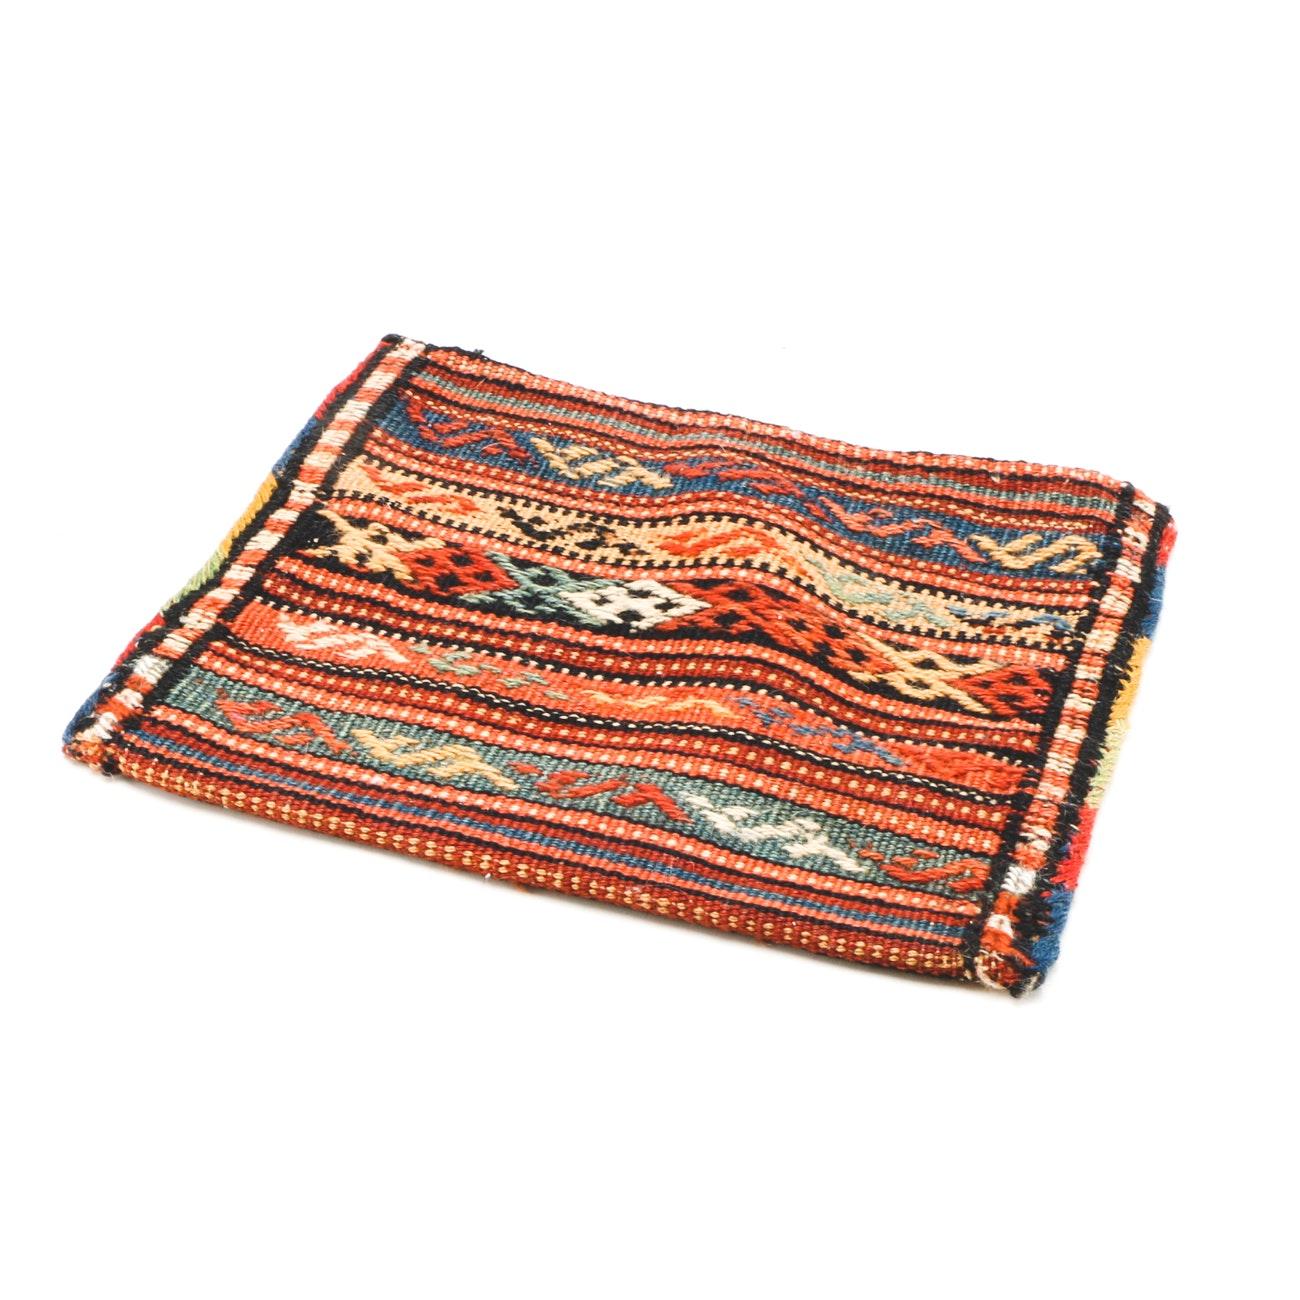 Handwoven Tribal Storage Bag